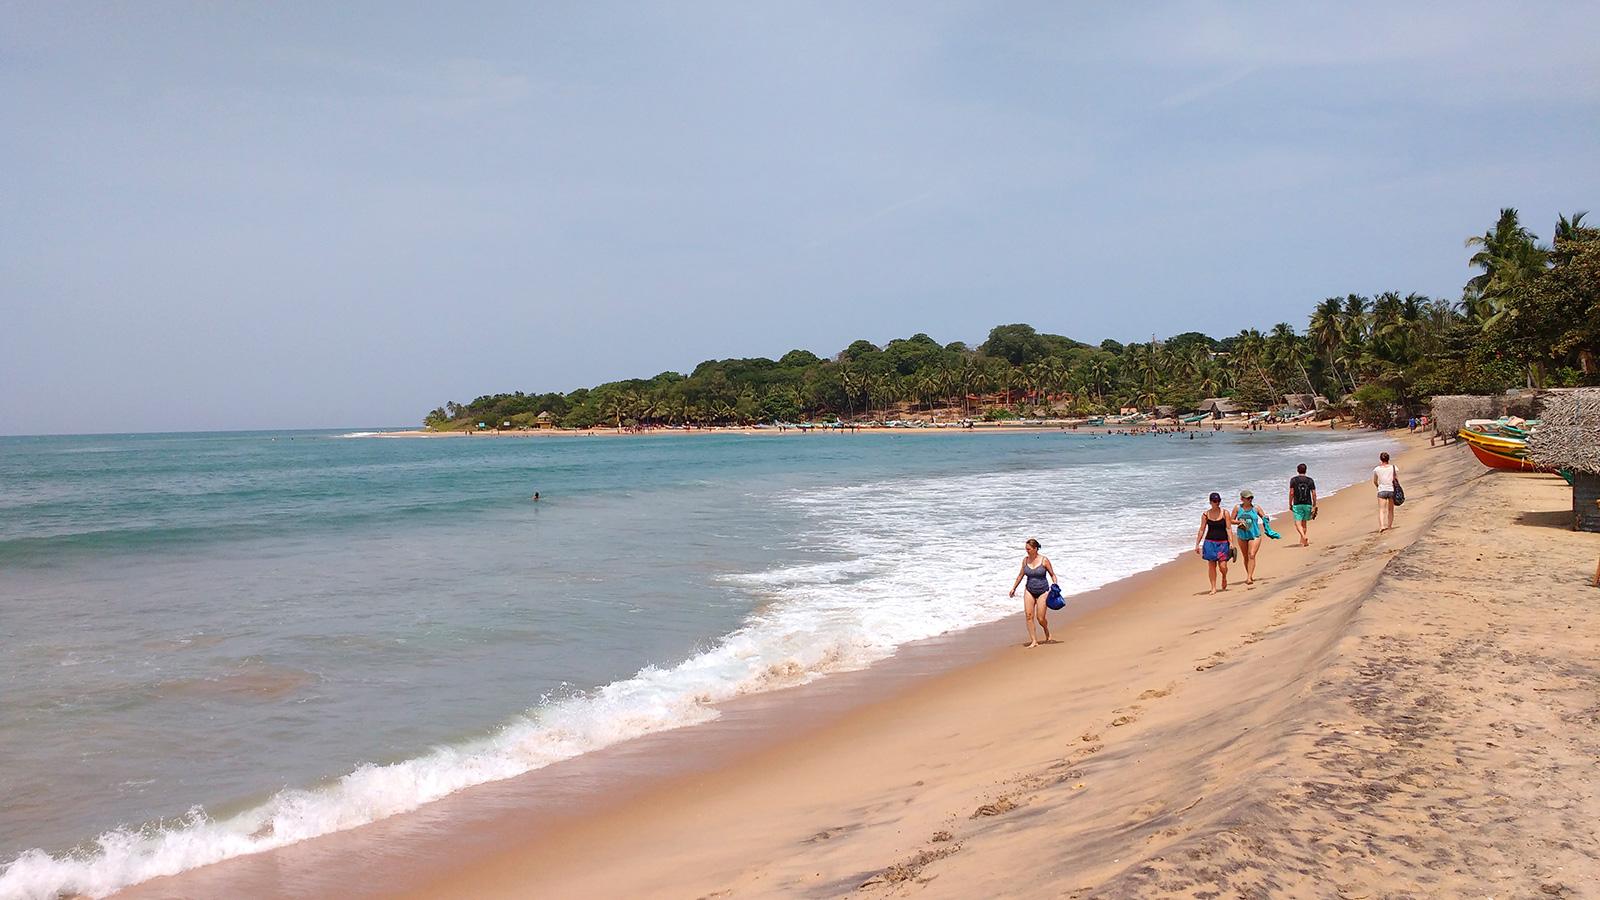 Die Schonsten Strande In Sri Lanka Top 10 Beaches In Ceylon